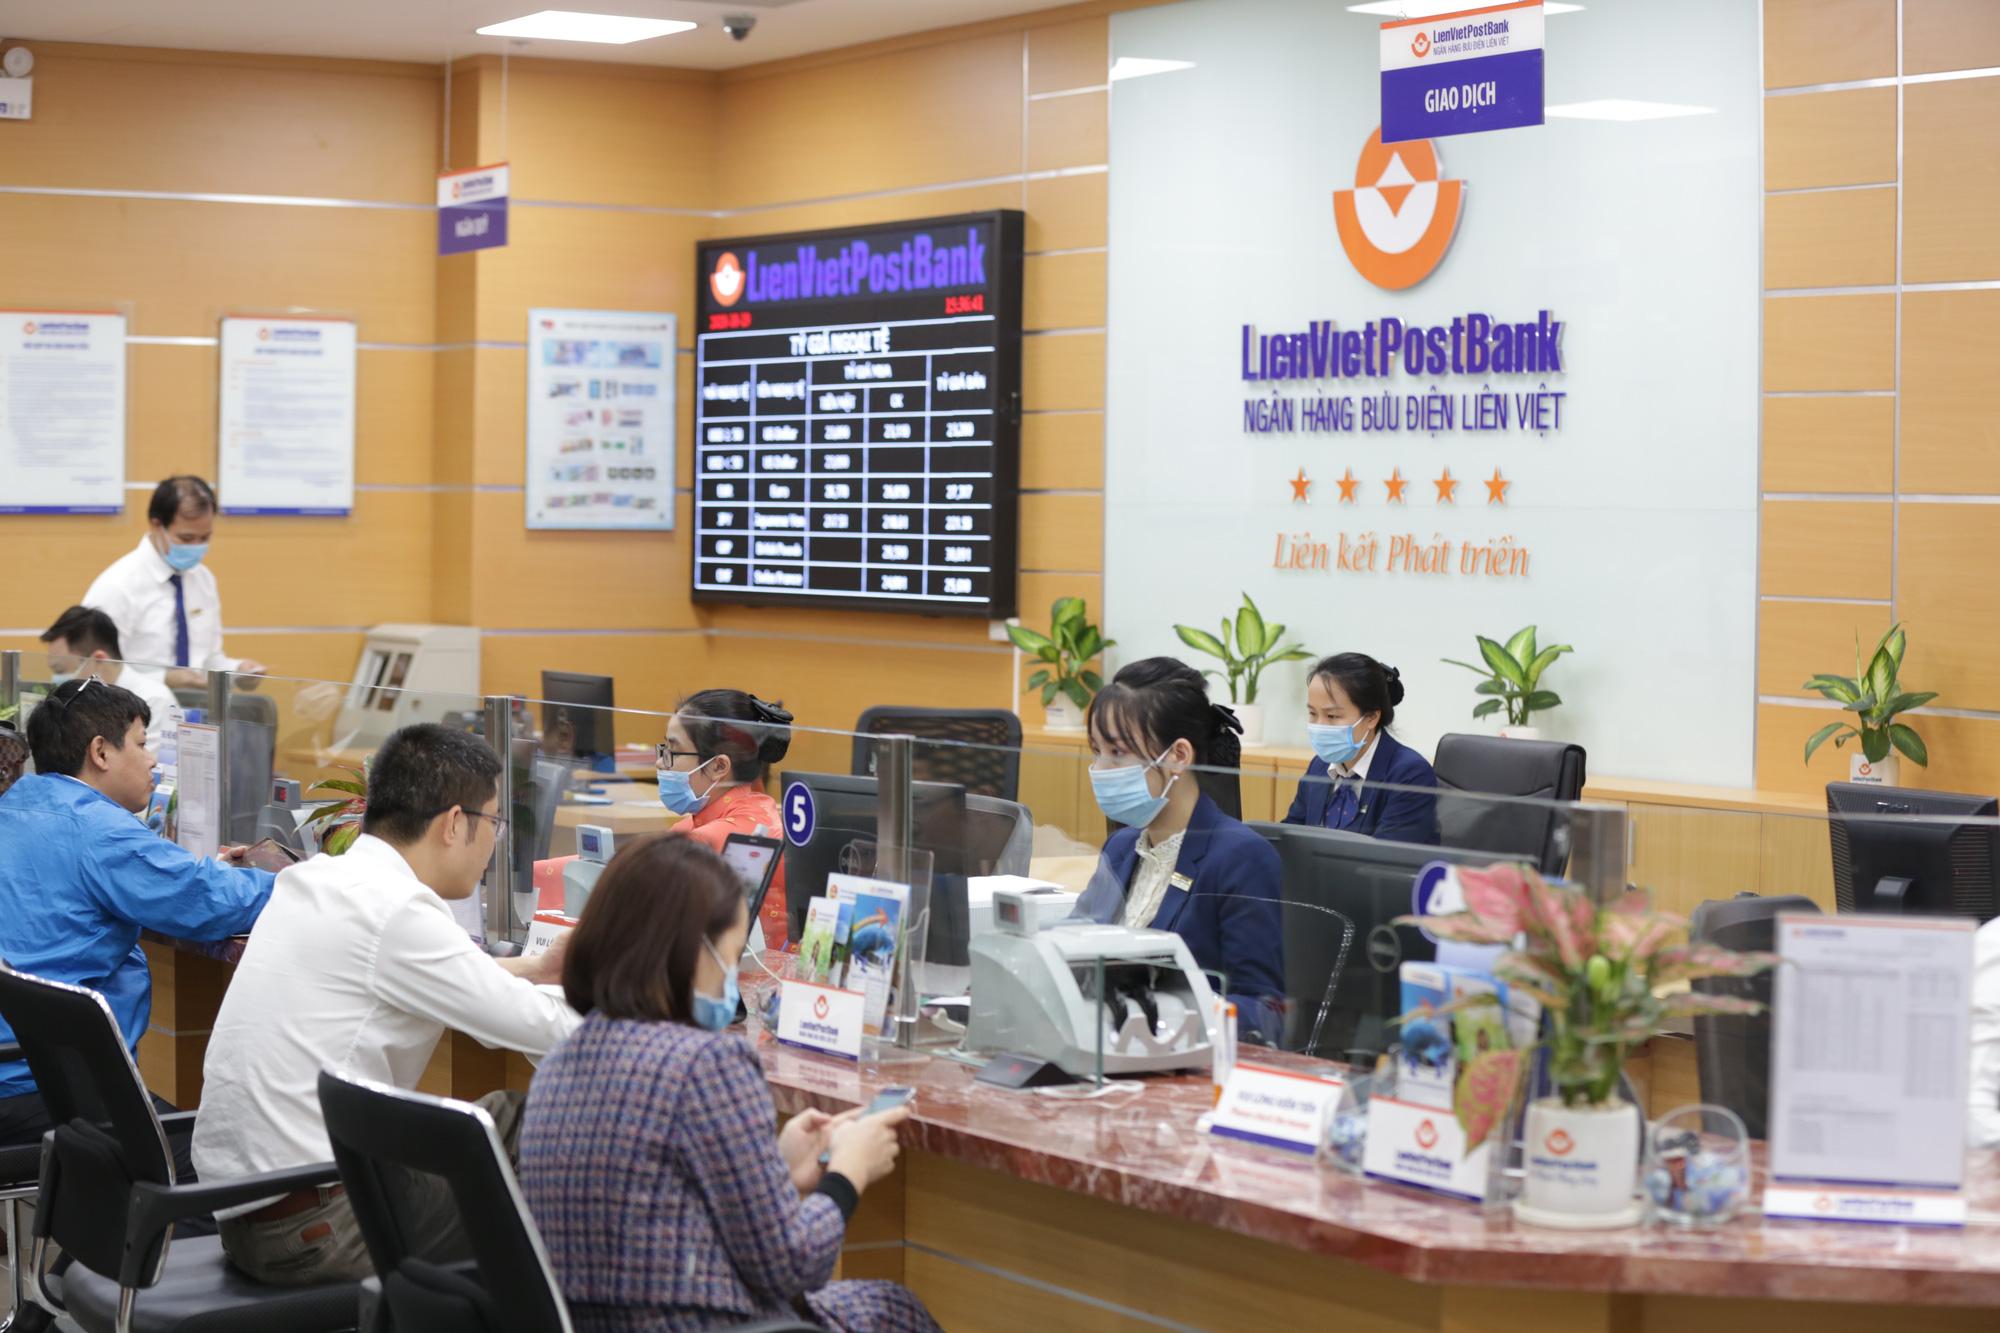 LienVietPostBank lãi hơn 2.000 tỷ đồng trong 6 tháng đầu năm, gấp đôi cùng kỳ - Ảnh 1.